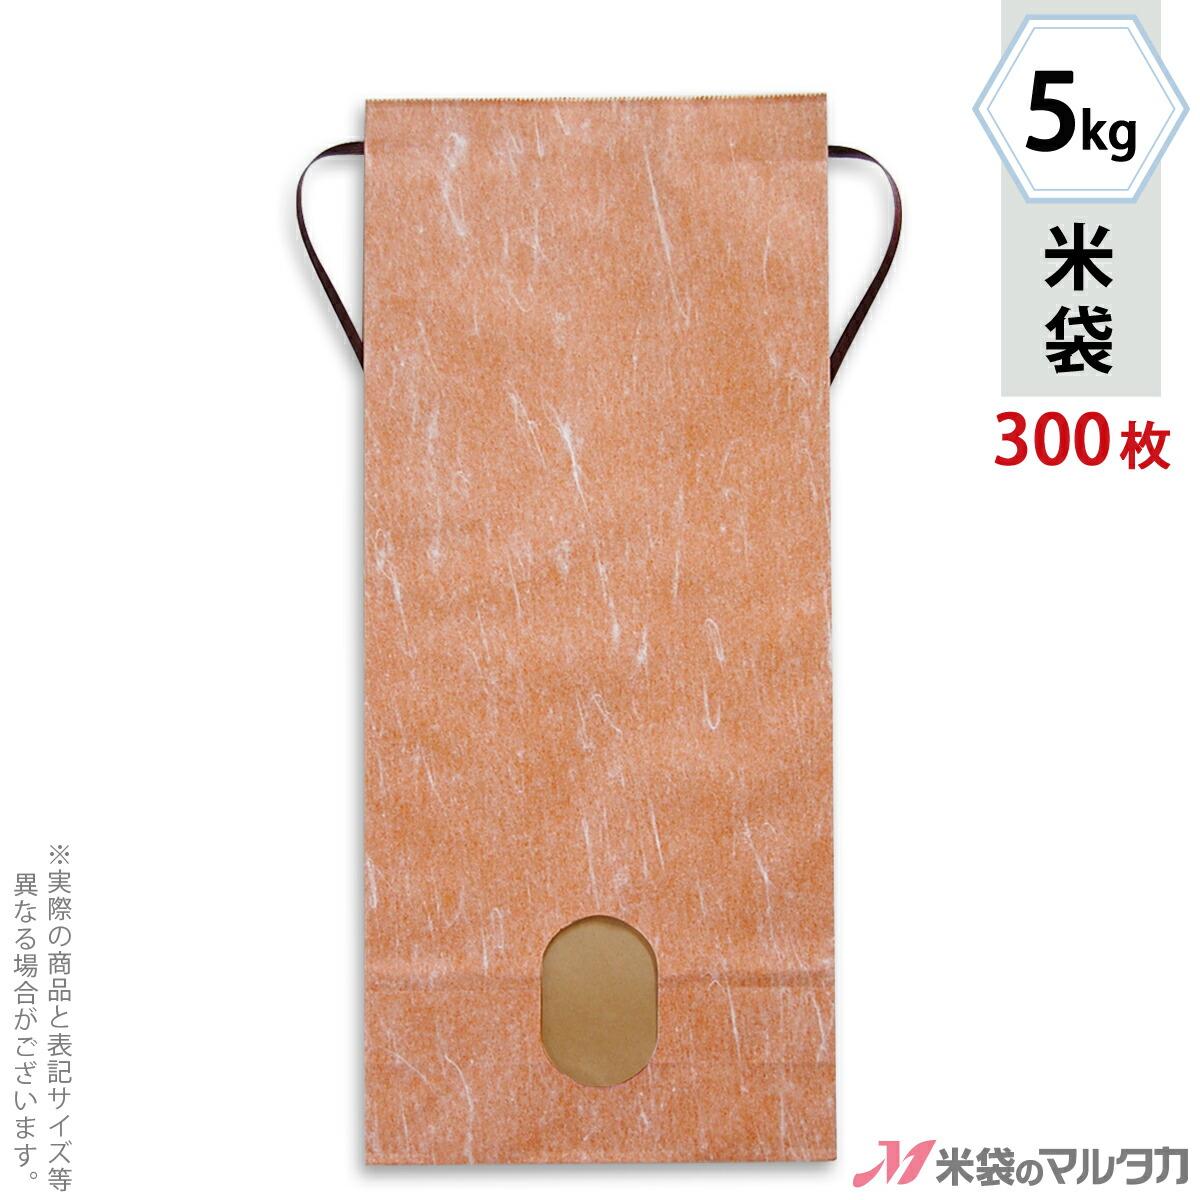 KH-0890 高級感が特徴。雲龍和紙米袋「おぐら」